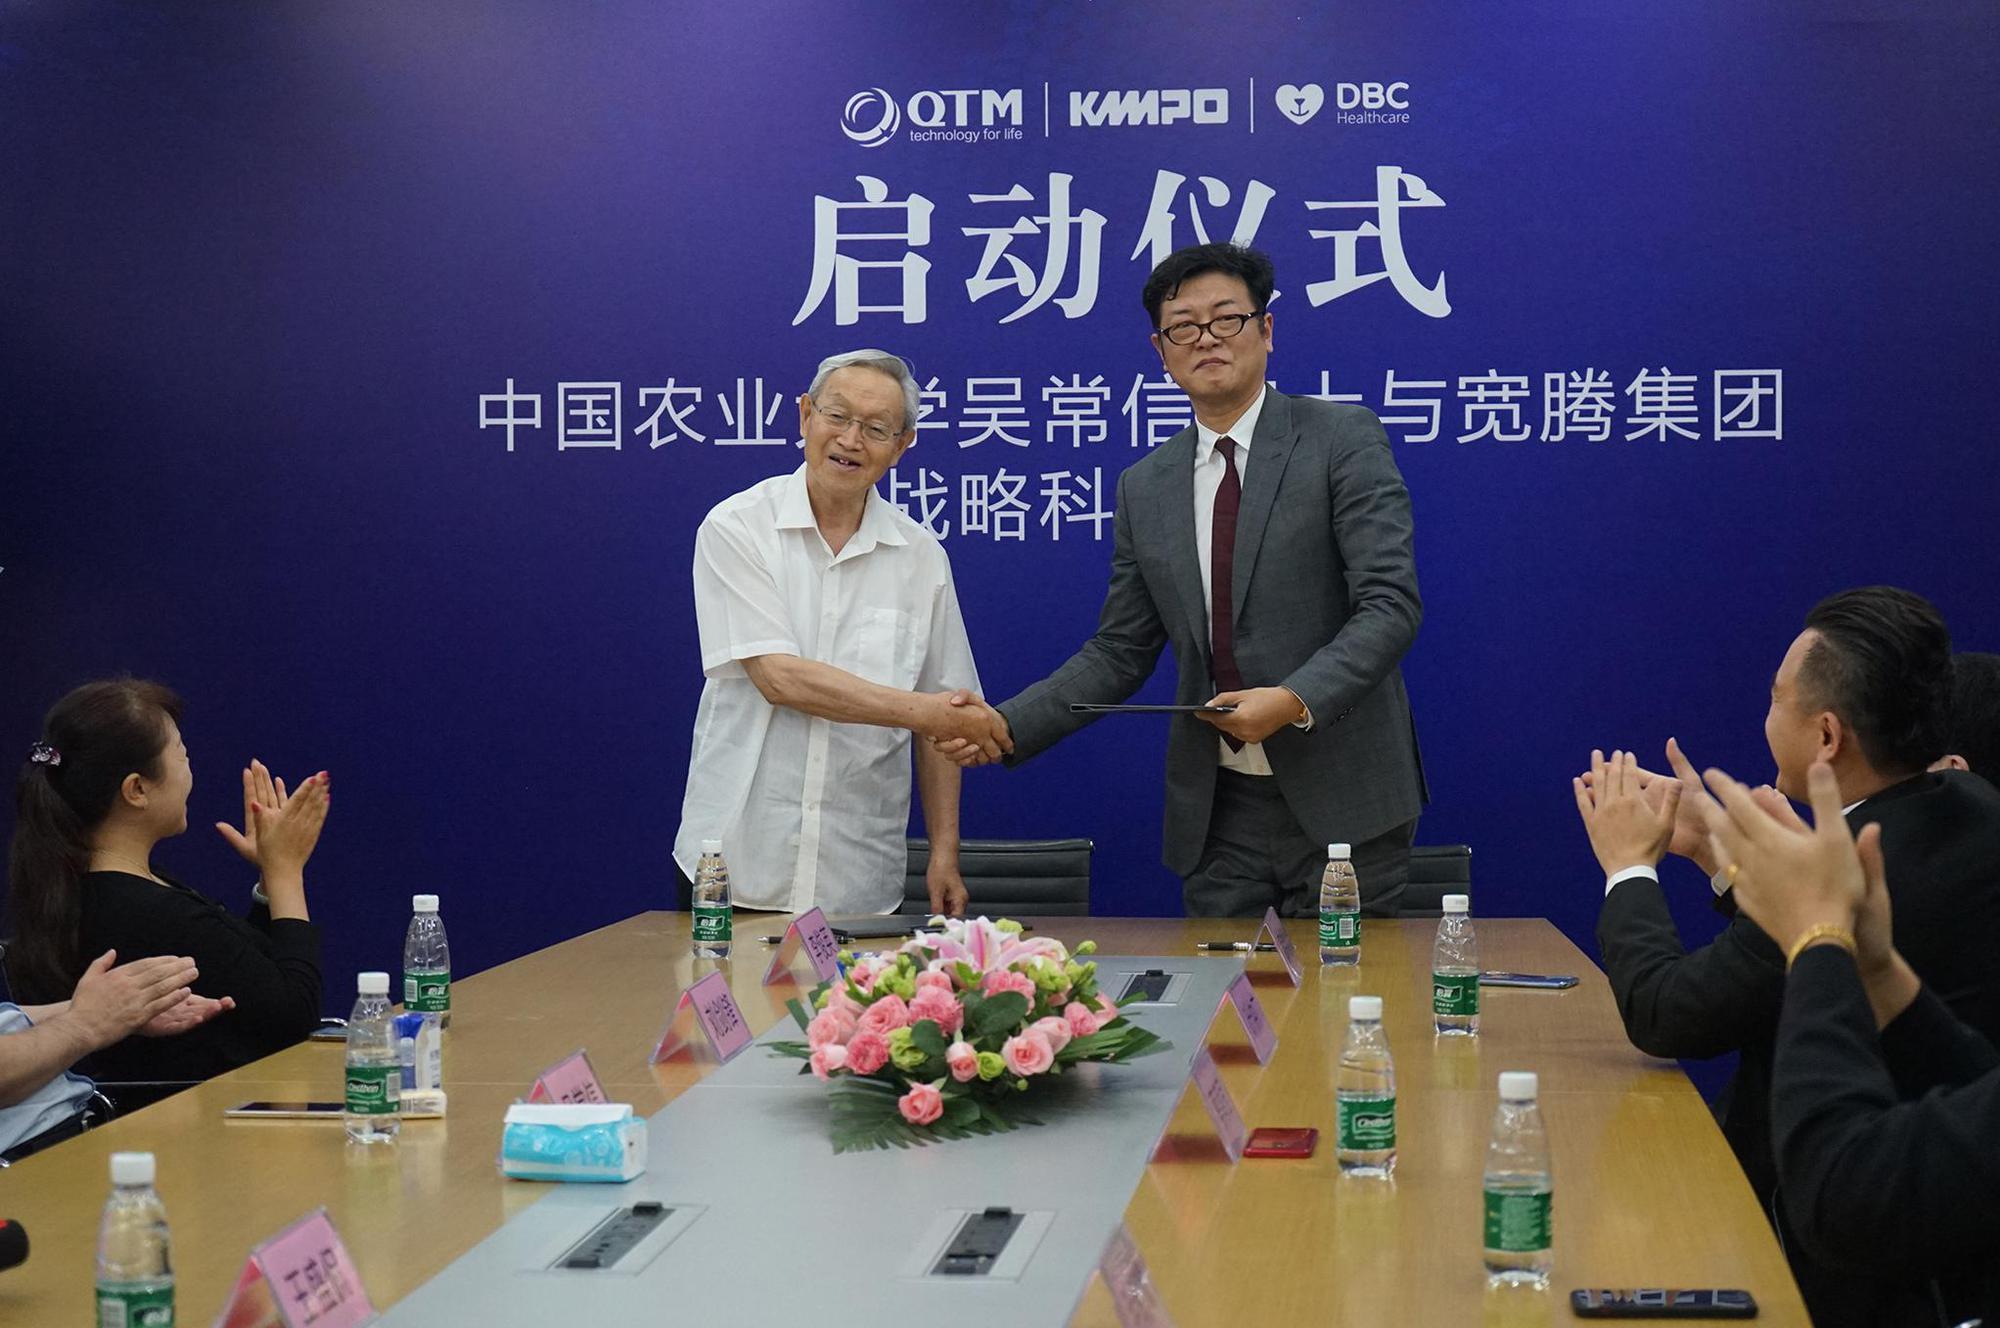 中国农业大学教授、中国科学院吴常信院士科研团队与宽腾集团战略科研合作正式启动